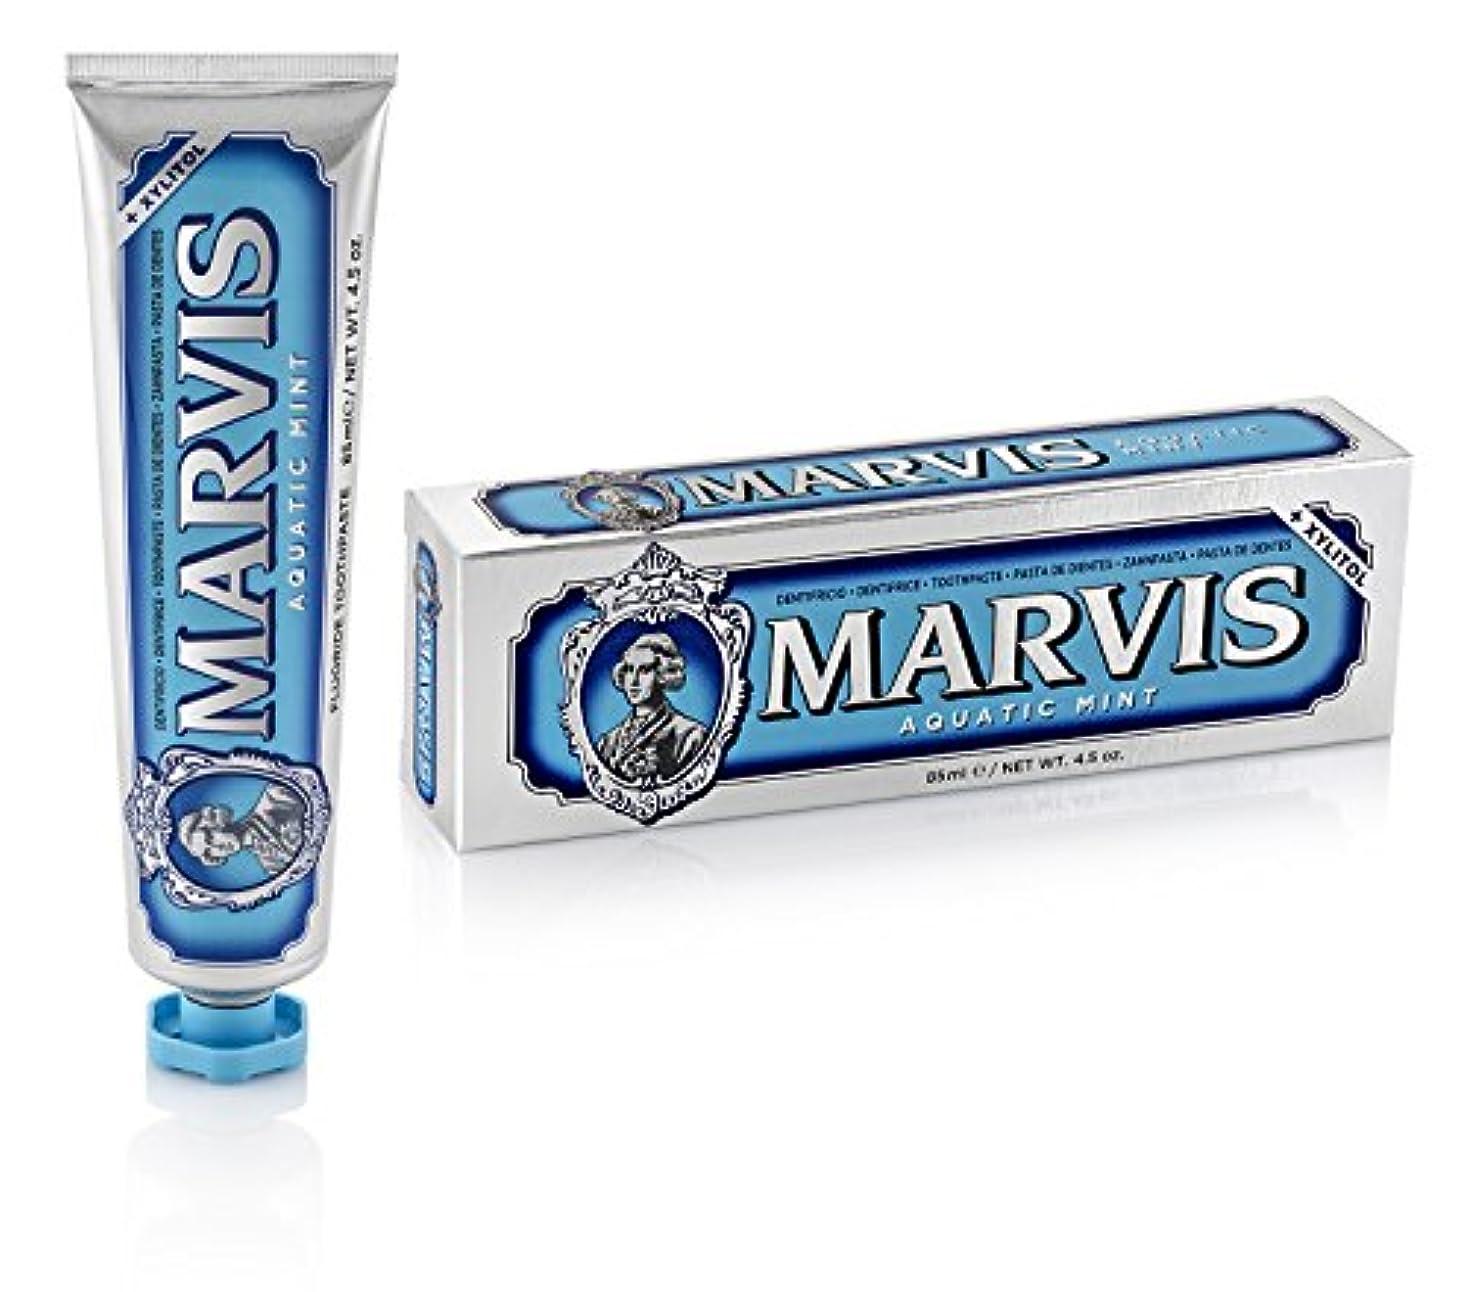 場合仕事項目マーヴィス Aquatic Mint Toothpaste With Xylitol 85ml/4.5oz並行輸入品